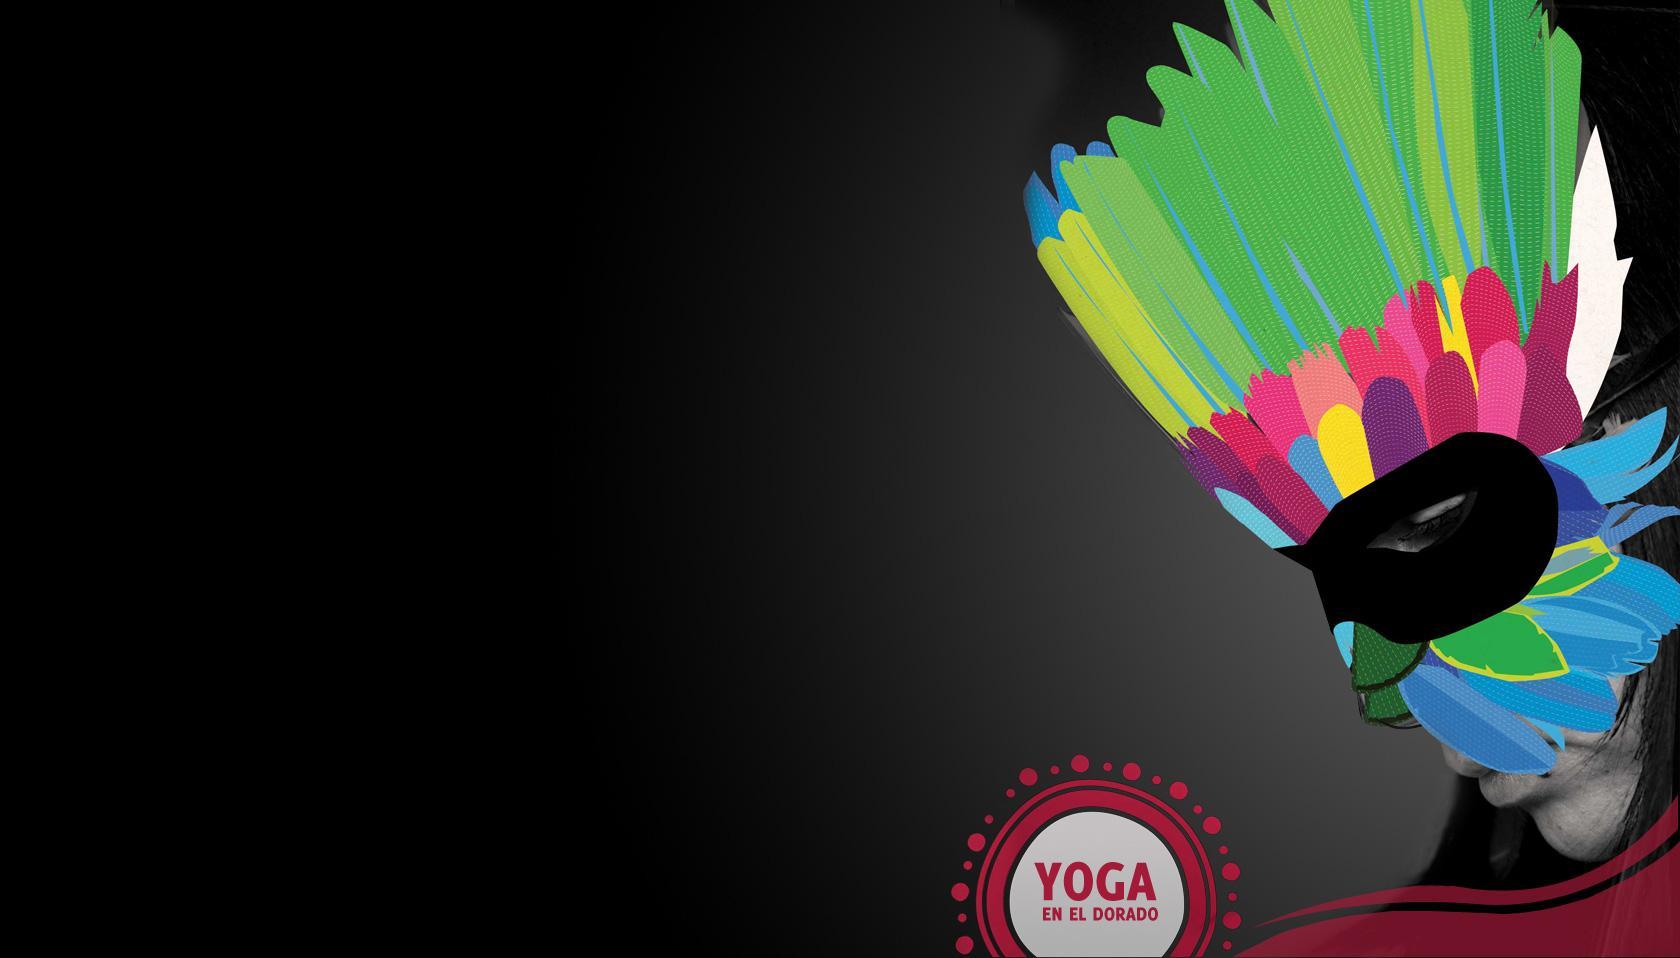 Yoga Mazatlan